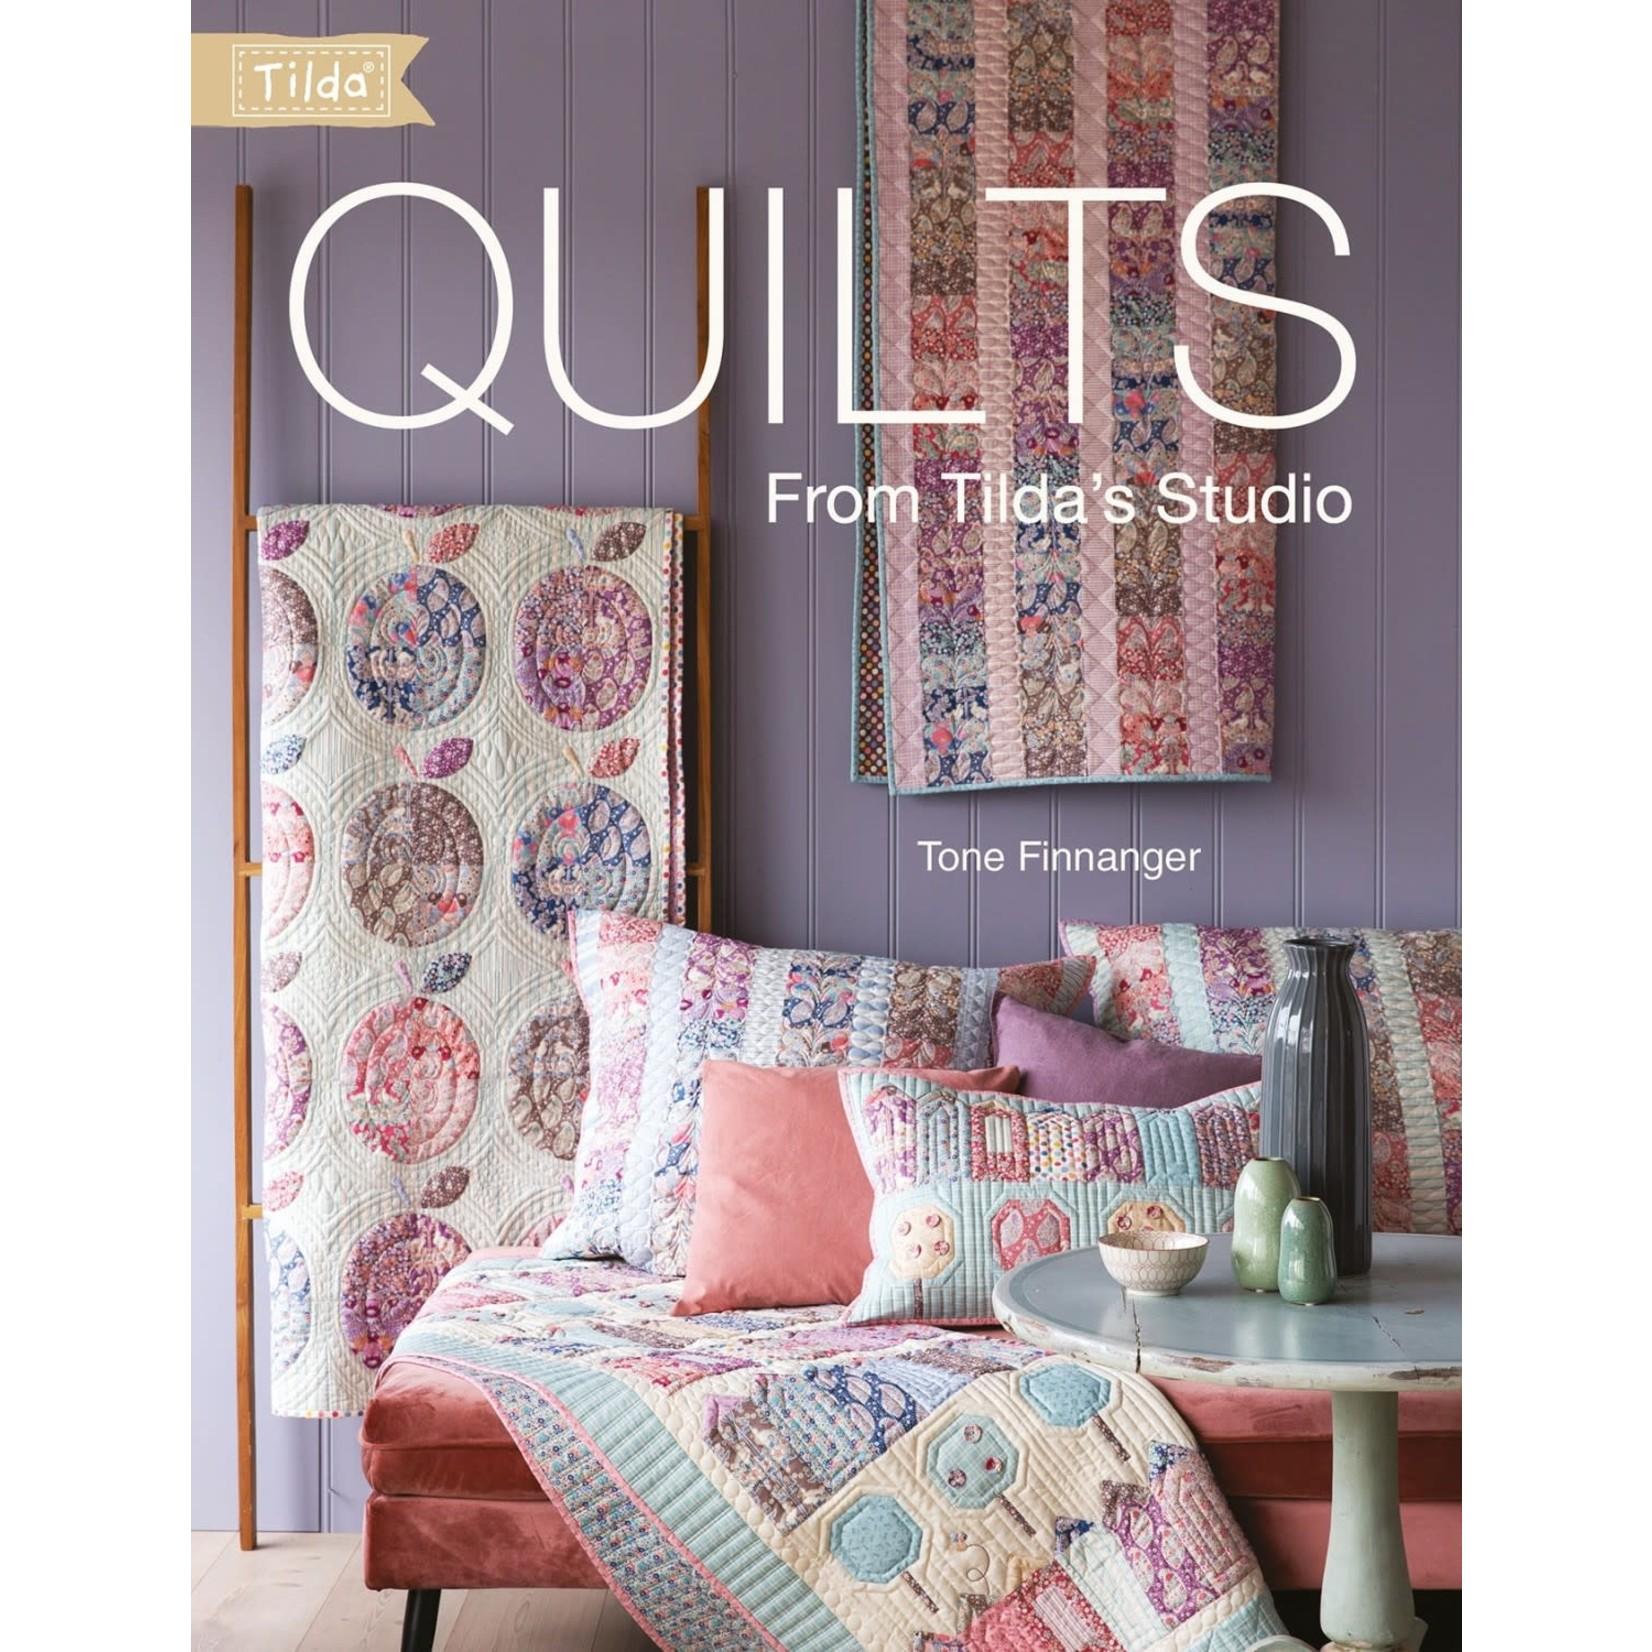 Tilda Quilts from Tilda's Studio